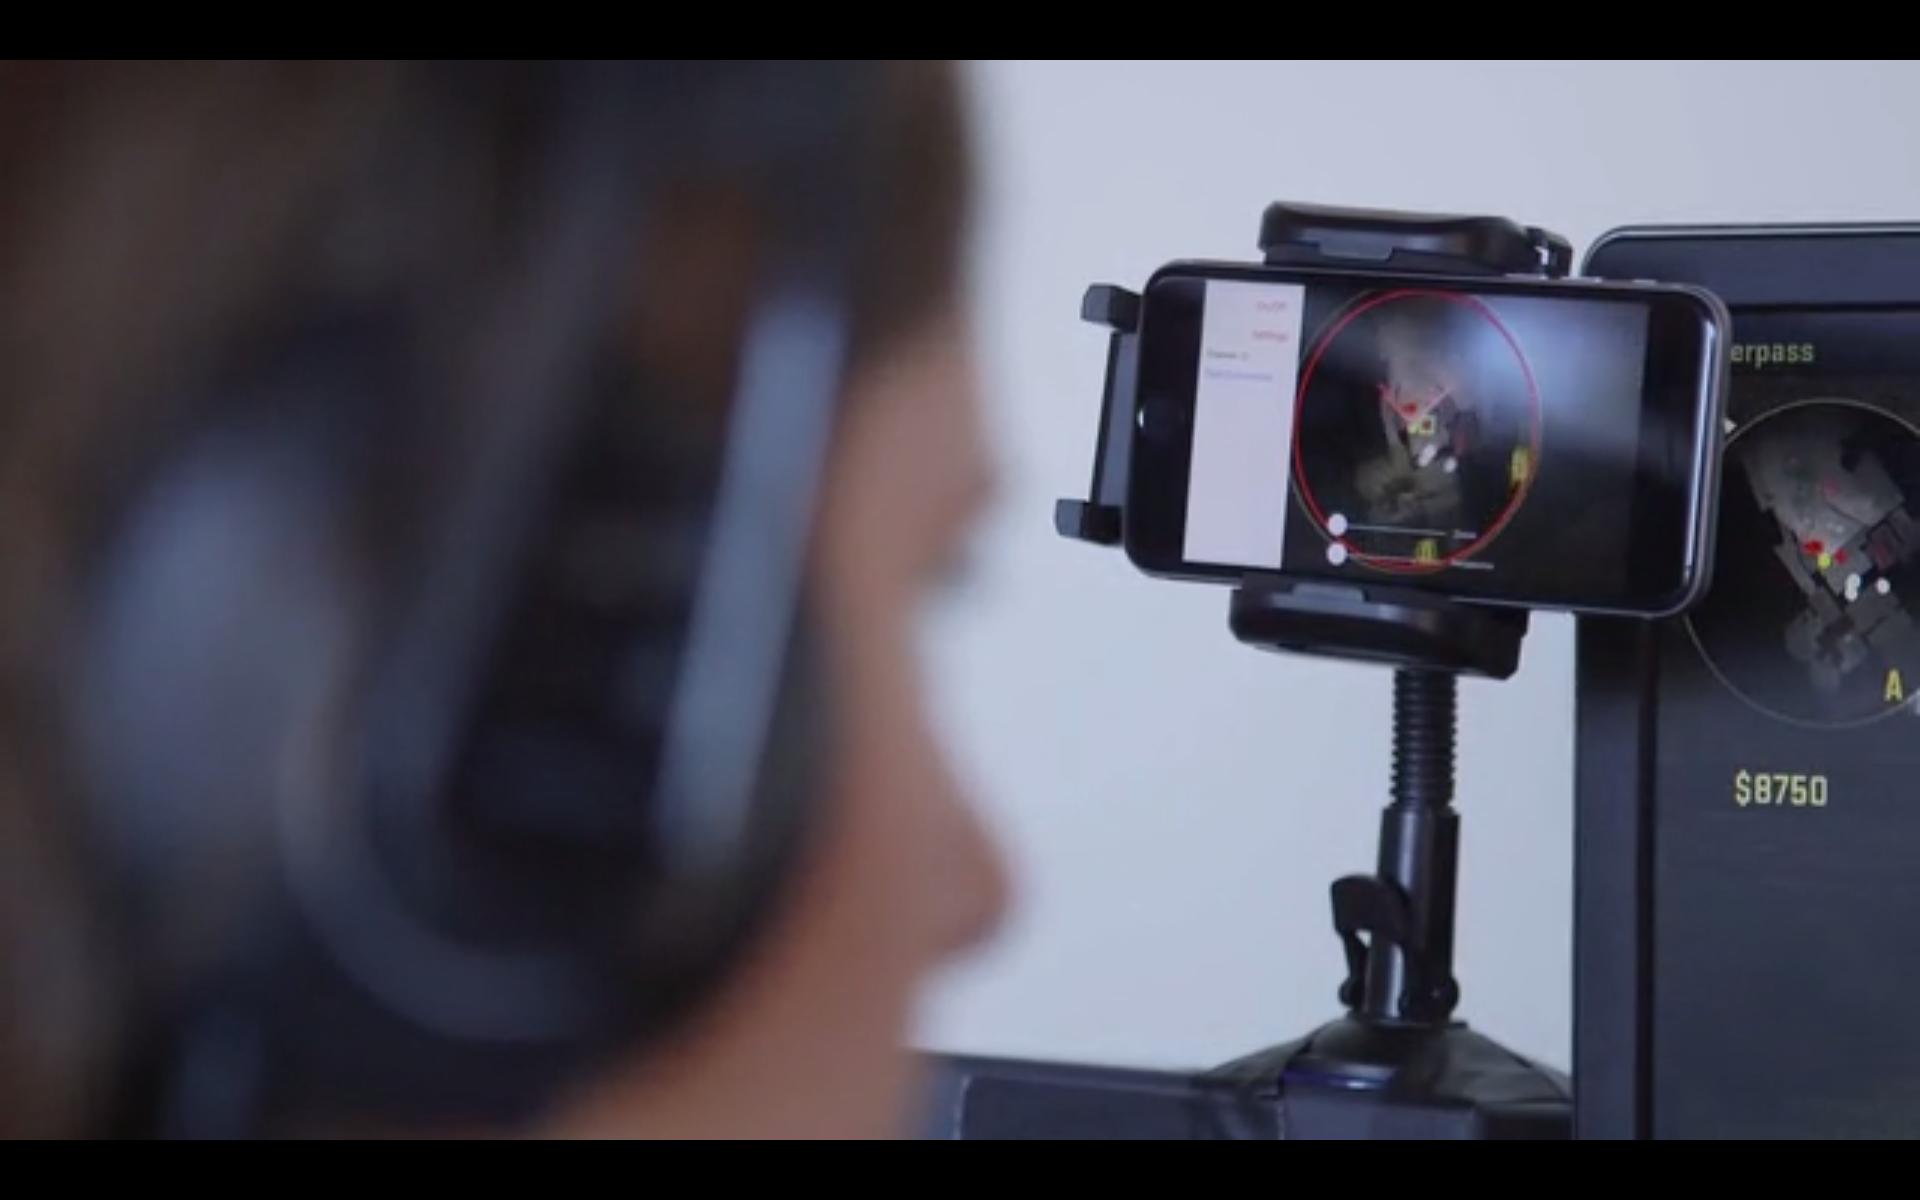 Halsbåndet bruker kameraet på mobilen til å fange opp informasjon på spillskjermen.